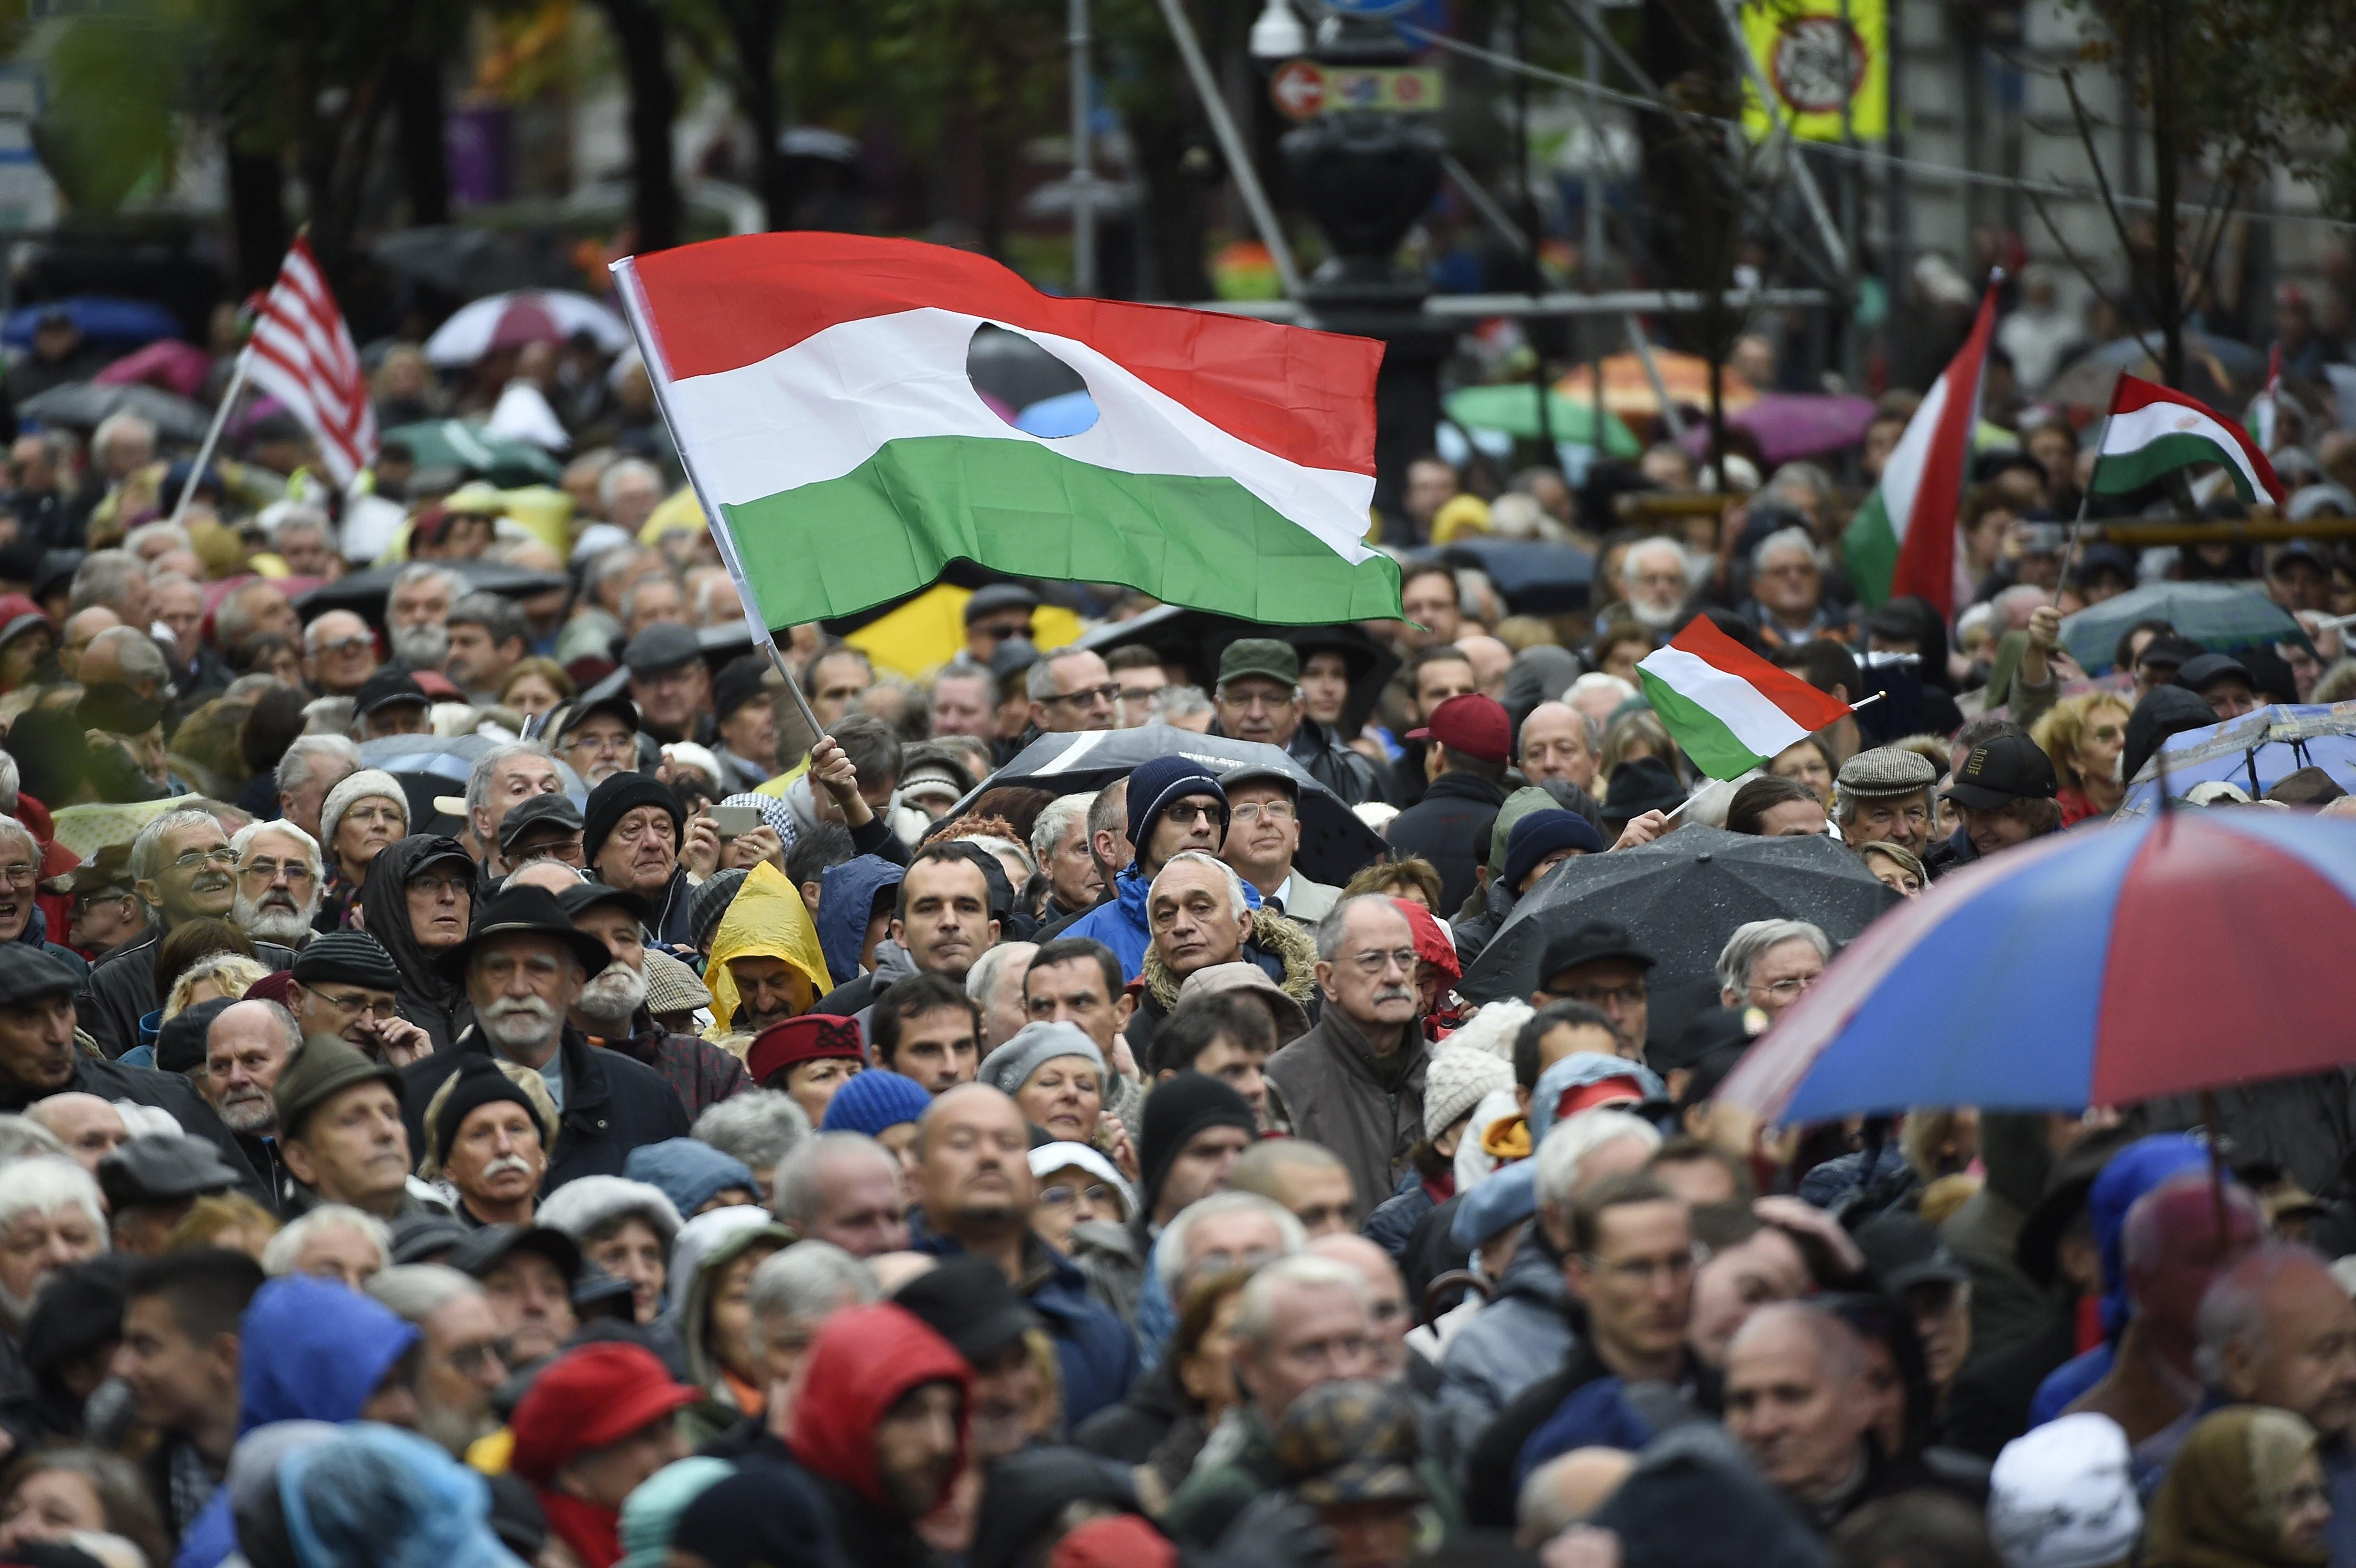 Október 23. - Így emlékeztek meg országszerte az 1956-os forradalomról